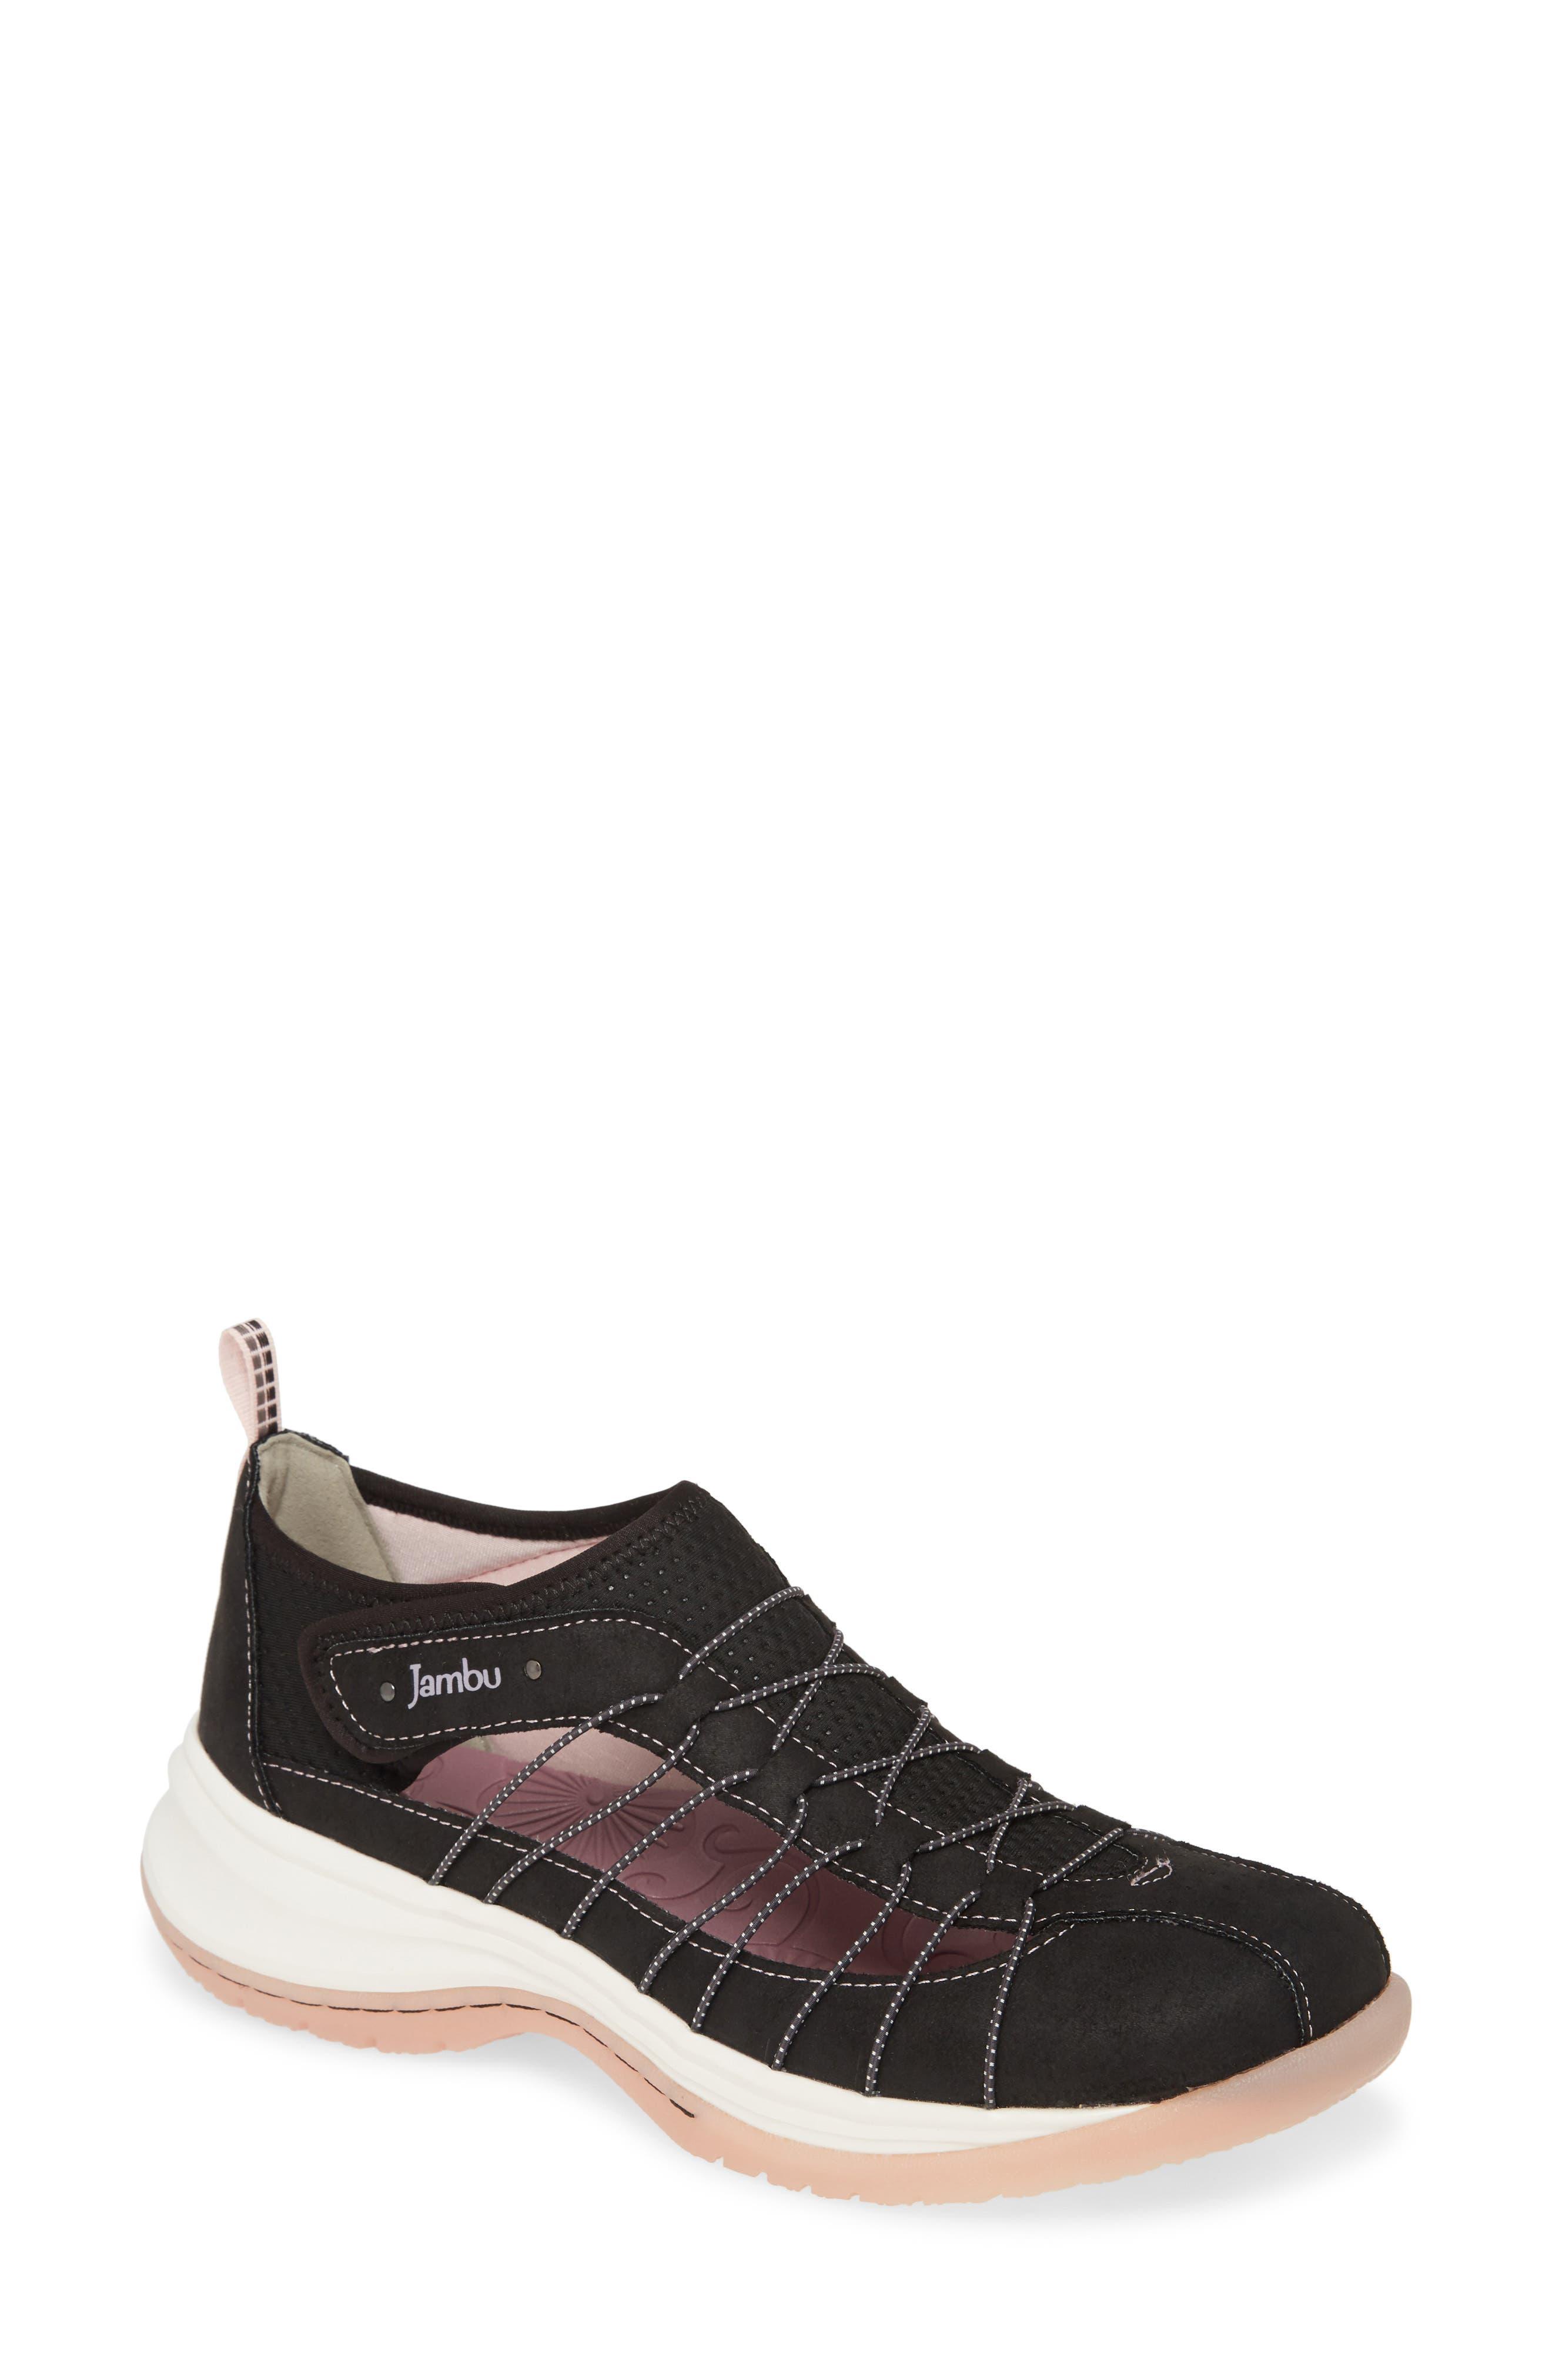 Image of Jambu Free Spirit Encore Shoe